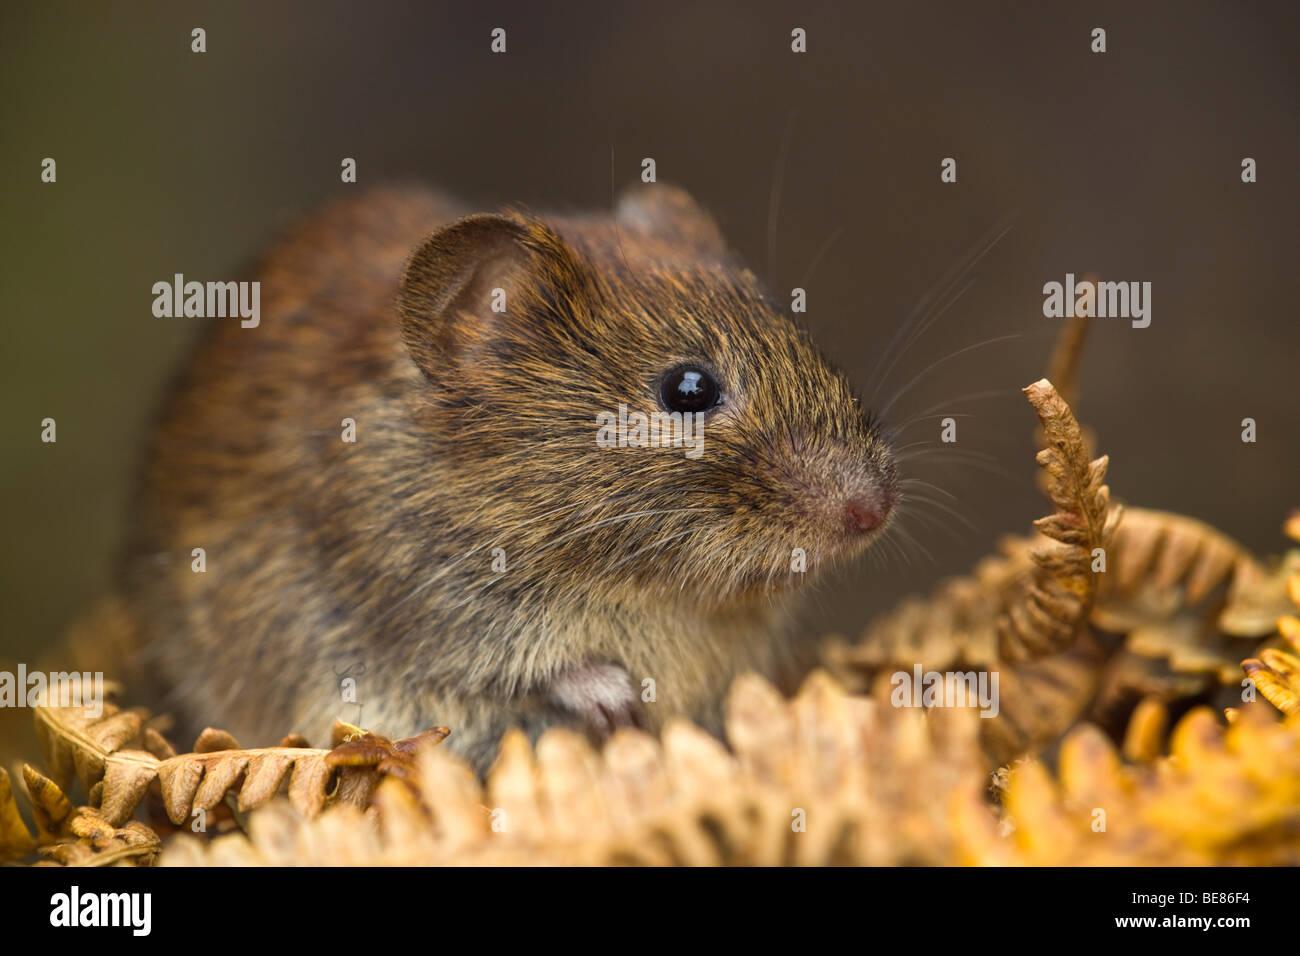 bank vole; Clethrionomys glareolus; - Stock Image